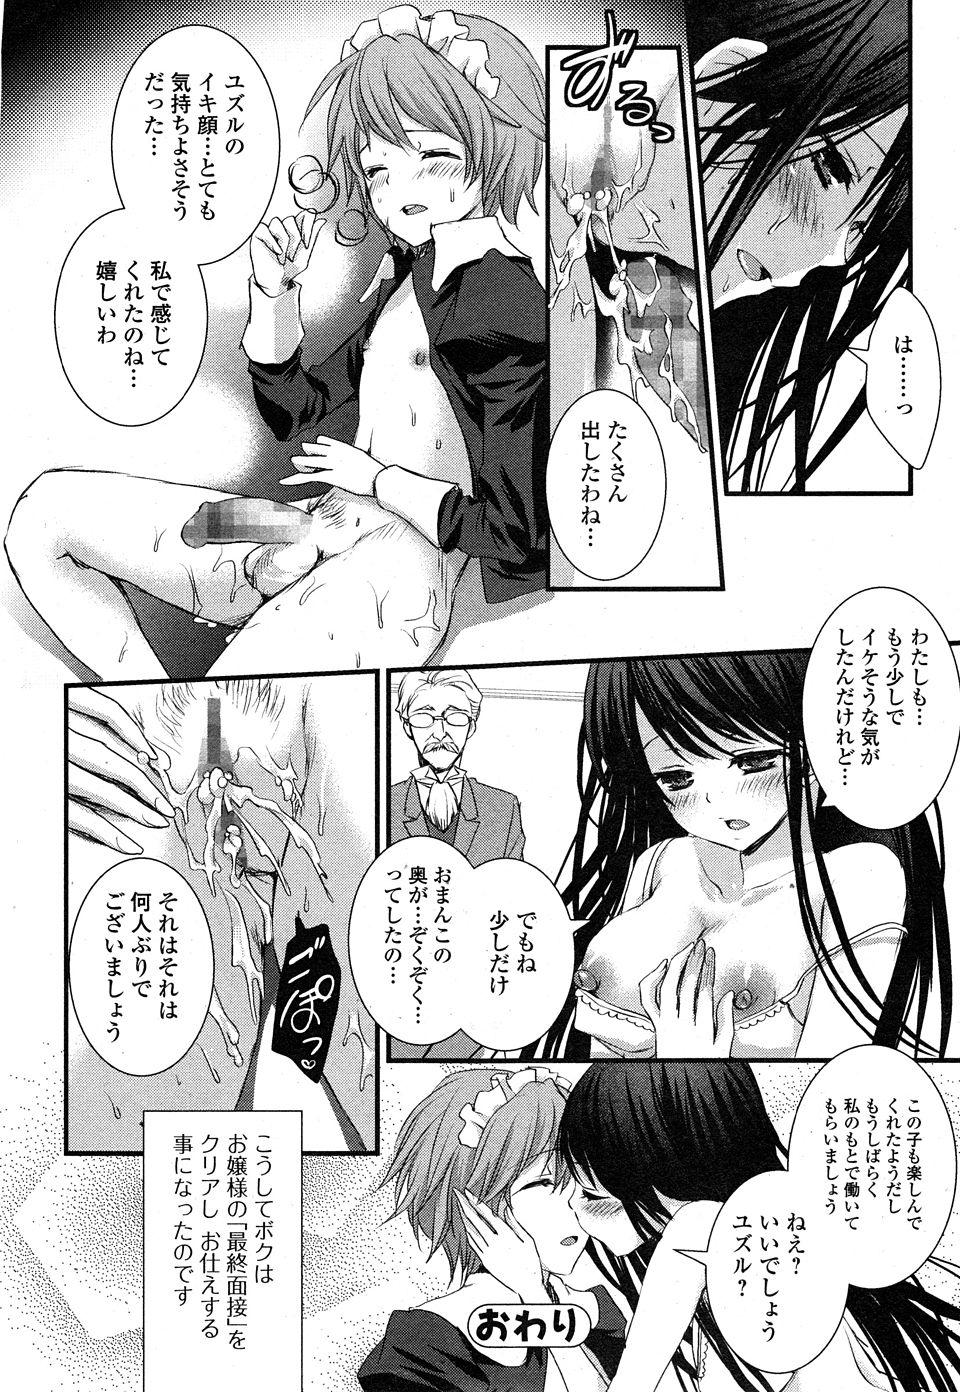 【エロ漫画・エロ同人】男の娘が巨乳お嬢様の所でメイド始めたらチンコ弄られまくってるwアナル開発されてお嬢様とセックスしてるしwww (16)